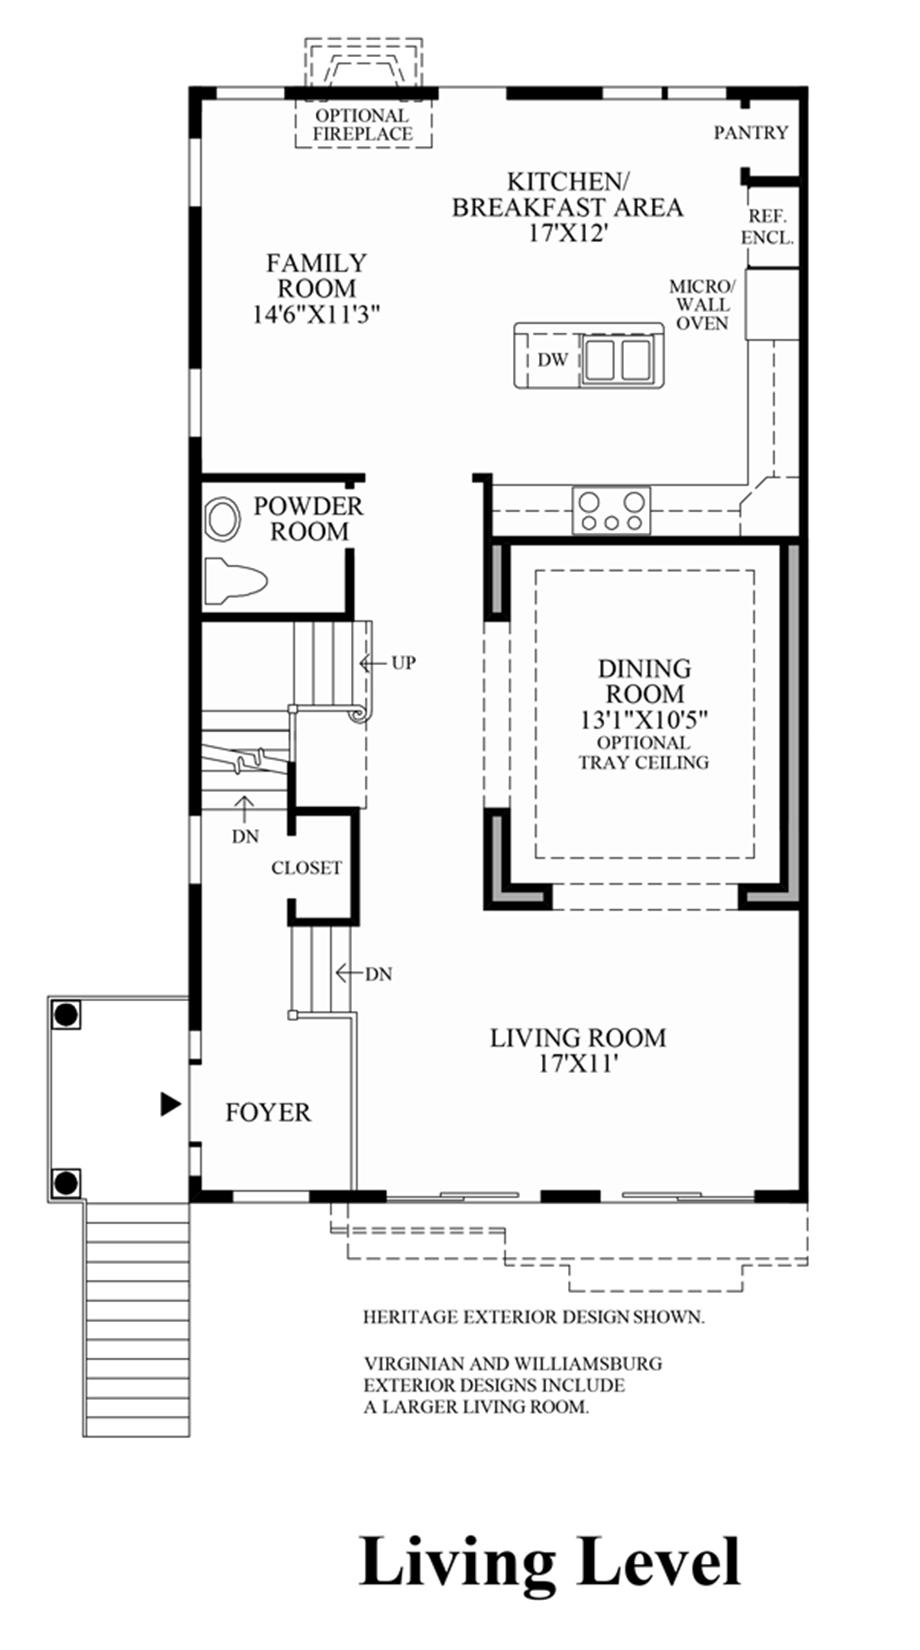 Living Level (Living Level Entry) Floor Plan